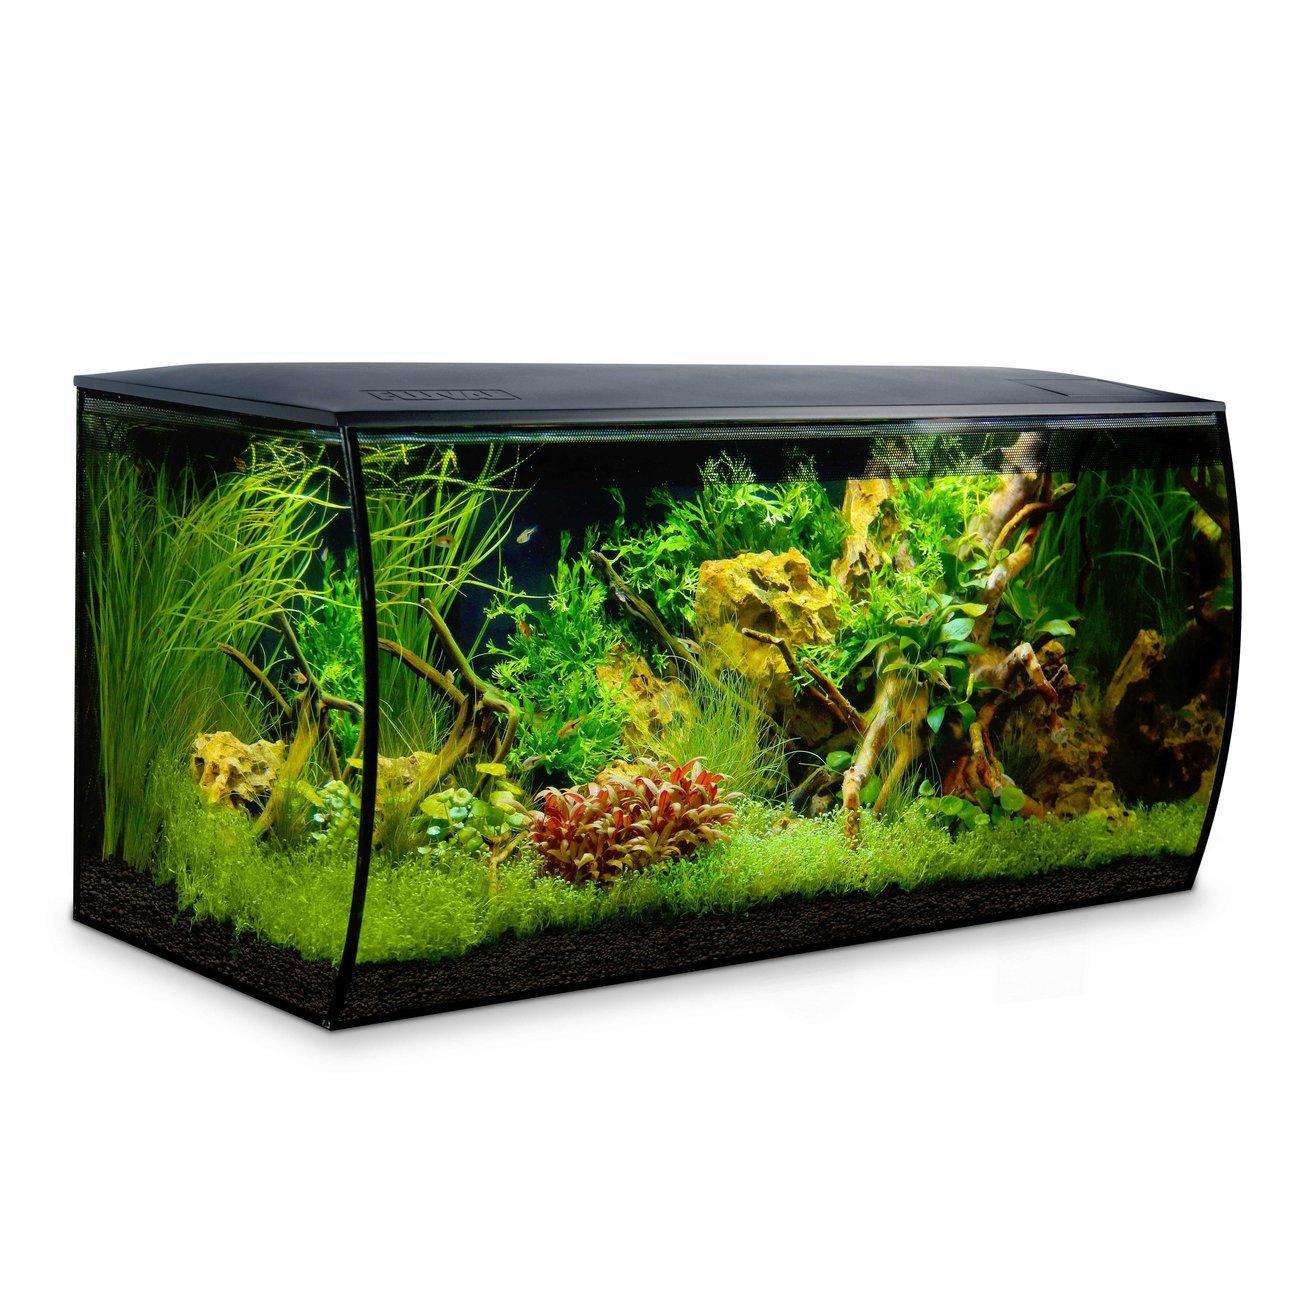 Fluval Flex 123 Liter Aquarium